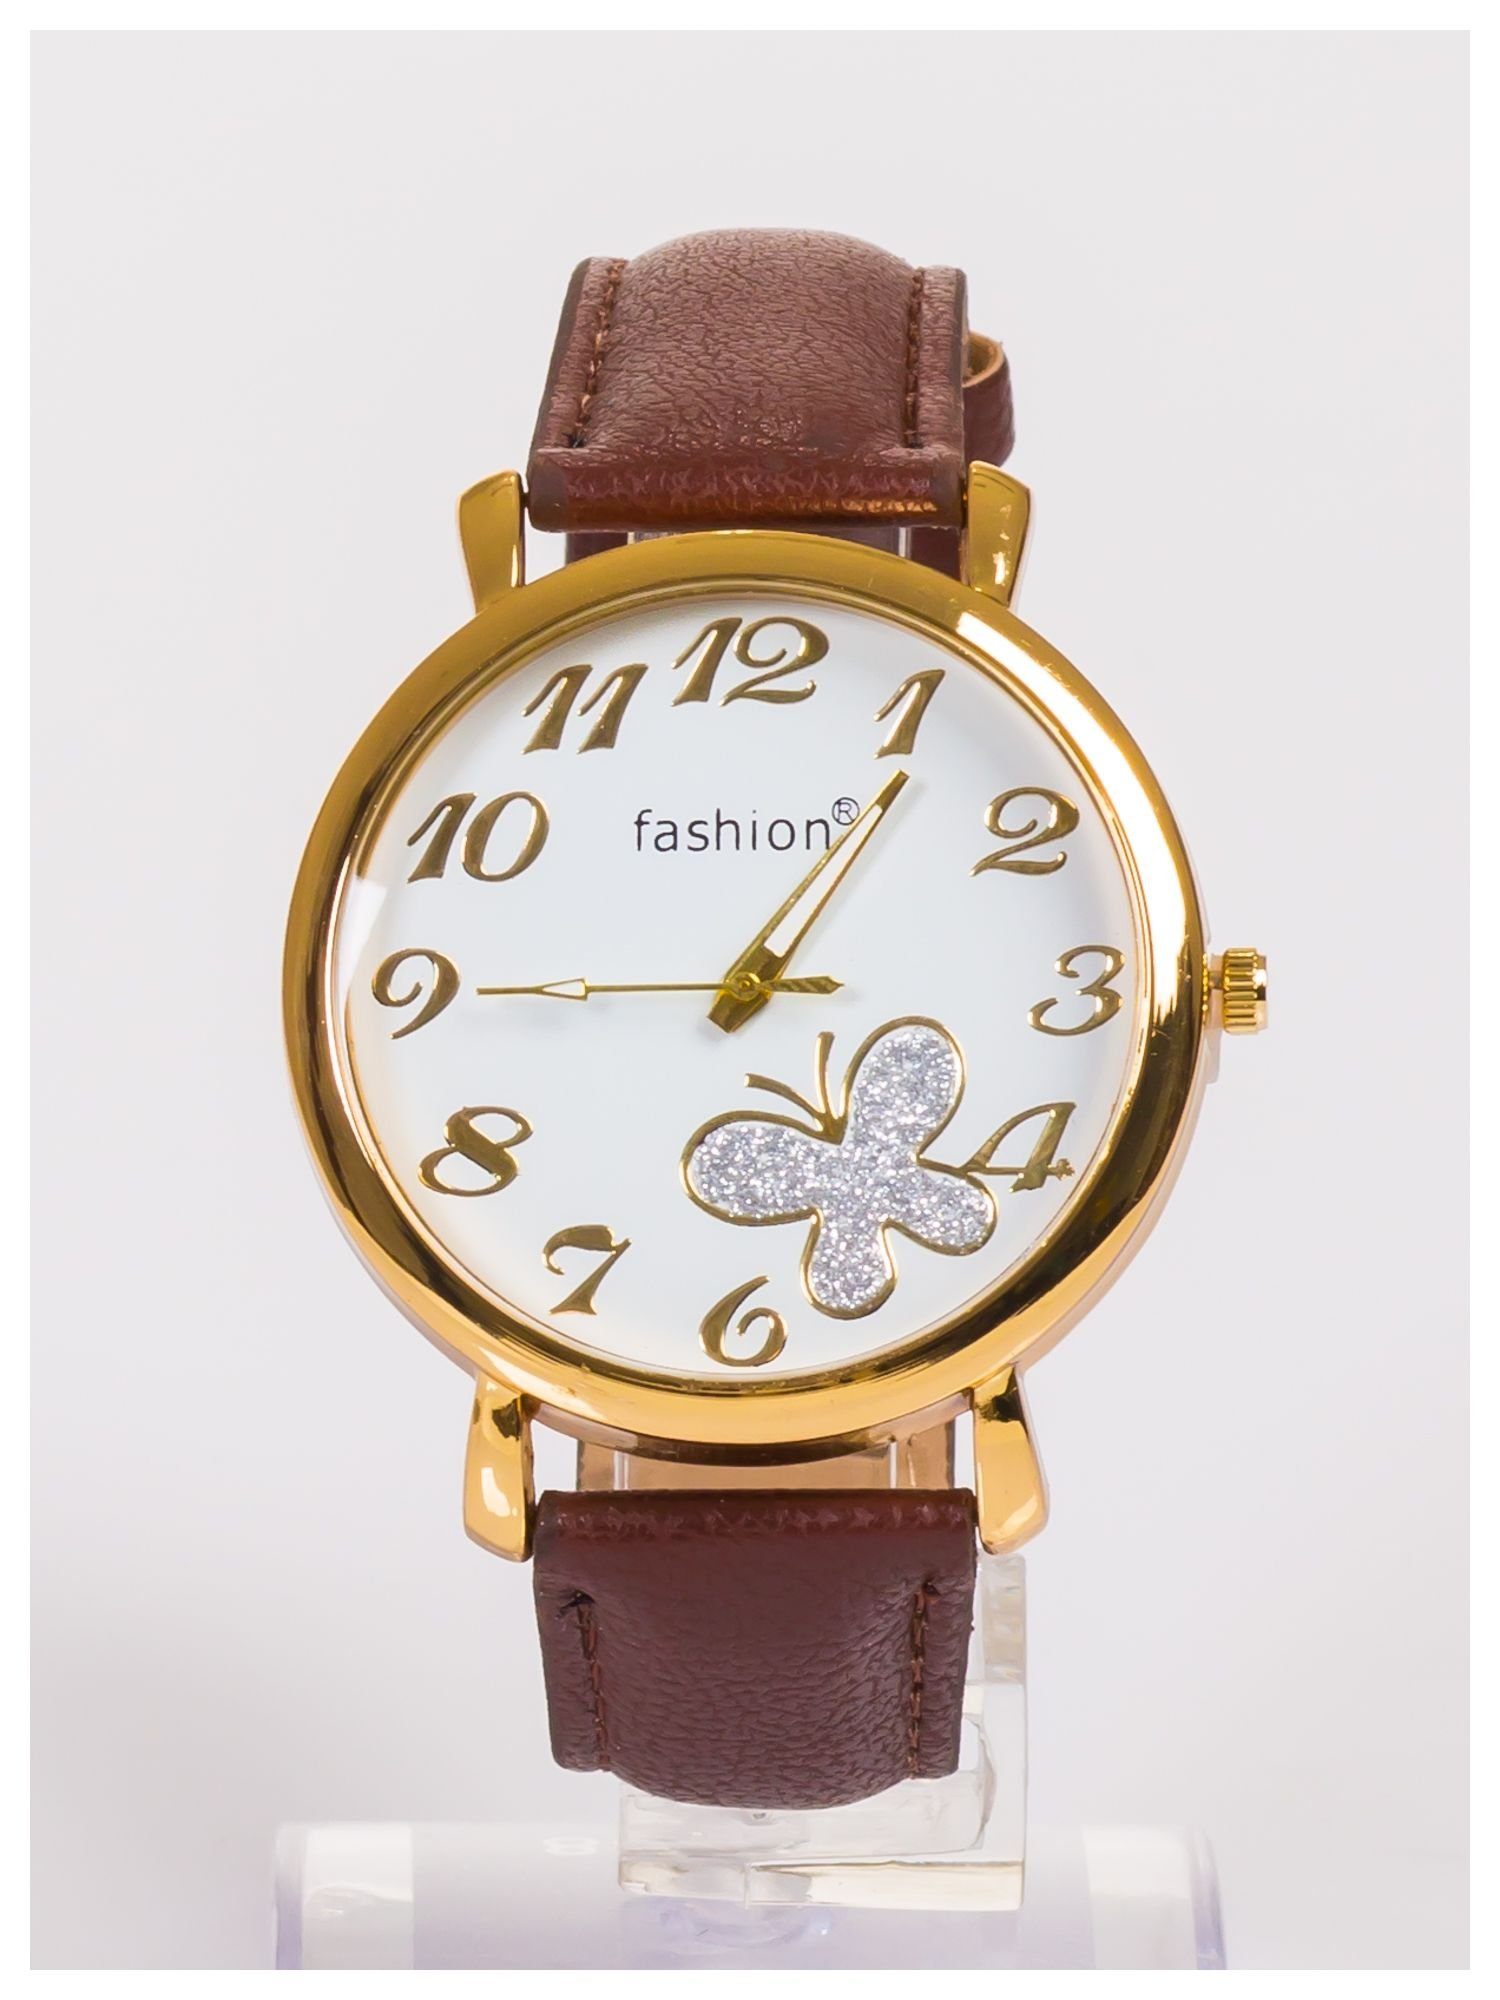 Damski zegarek z błyszczącym motylkiem na dużej i wyraźnej tarczy                                   zdj.                                  1